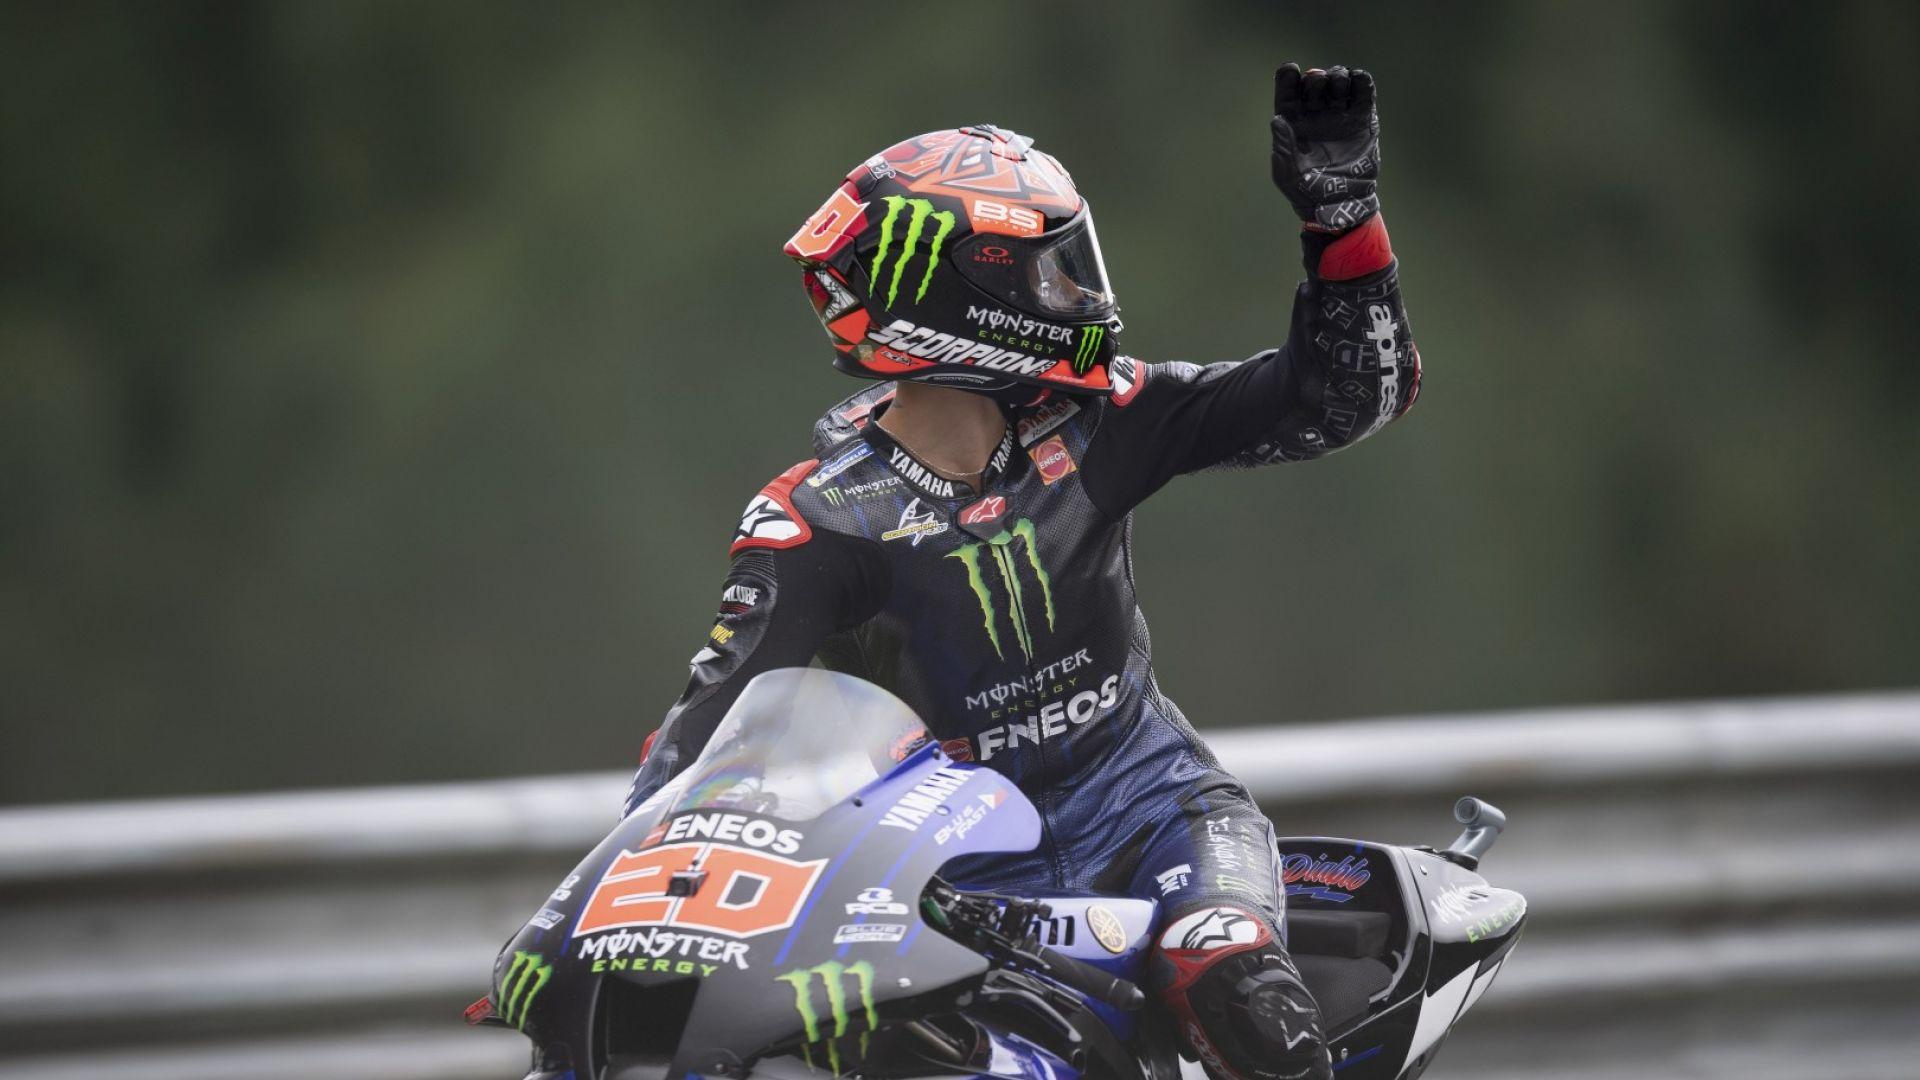 Преди уикенда в Арагон: Лидерът в Moto GP е фаворит да спре 9-годишна испанска серия